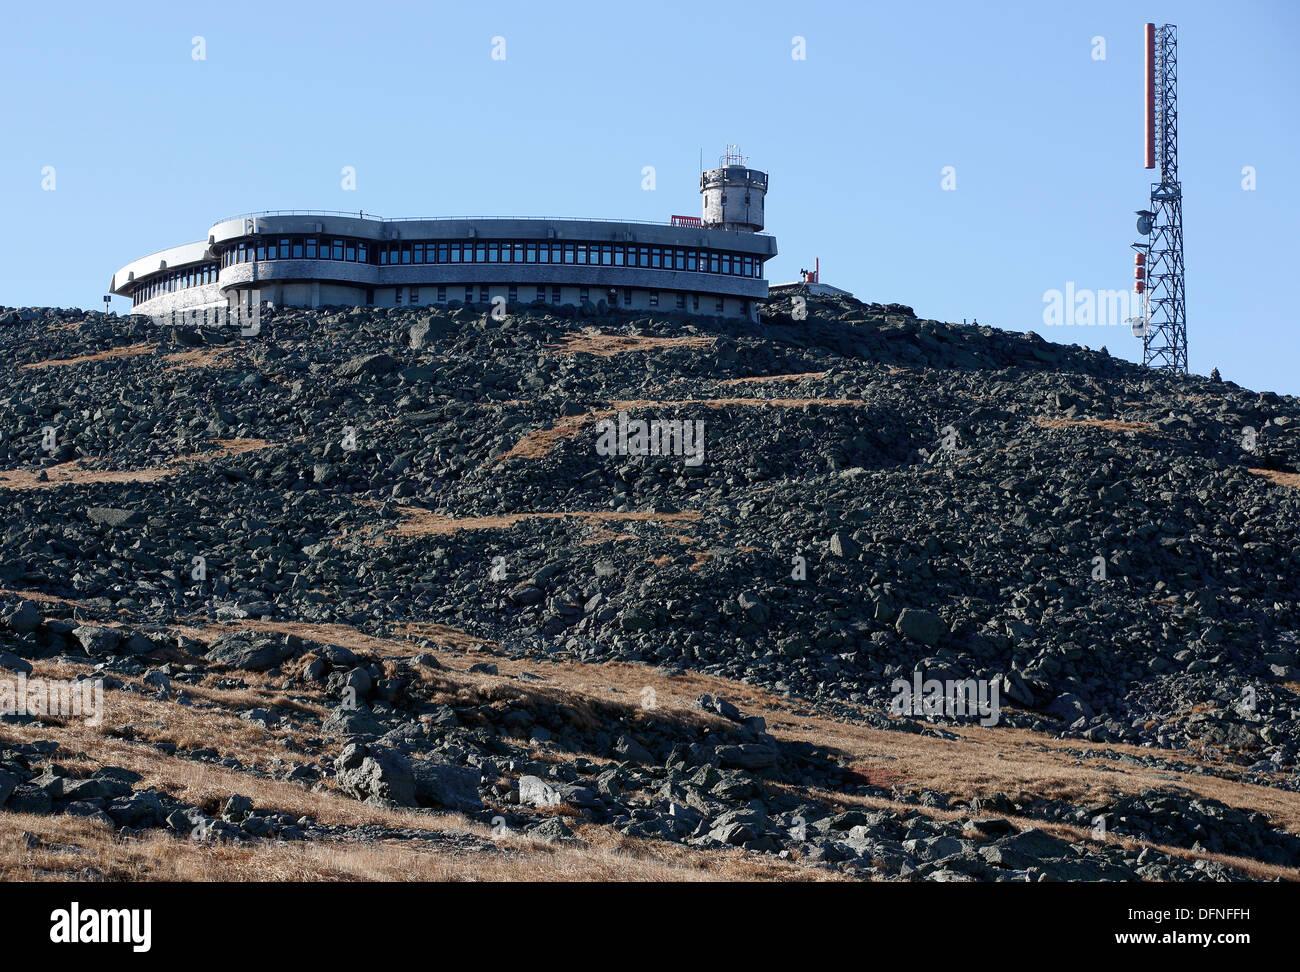 f56847a6a3 The Mount Washington Observatory